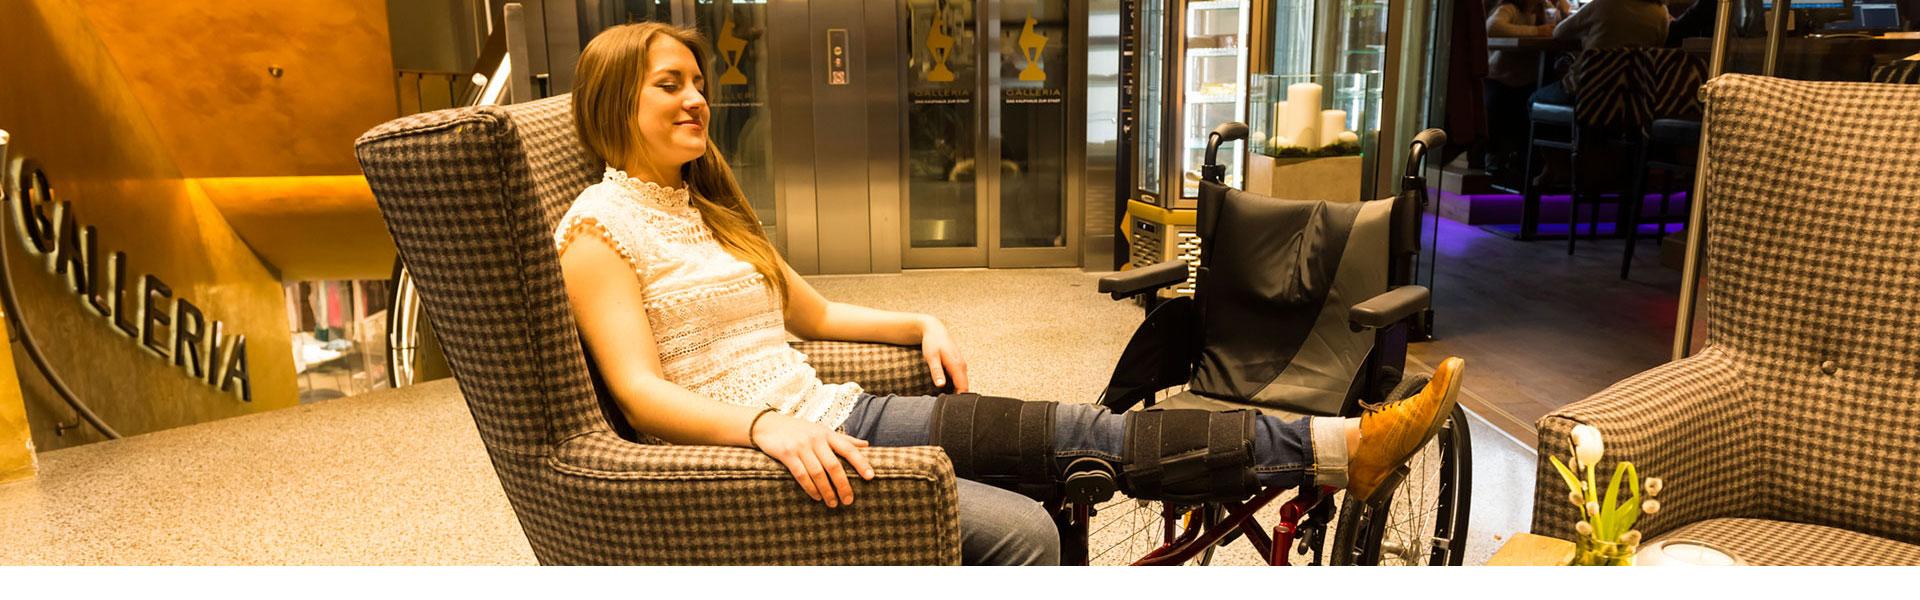 Junge Frau im Rollstuhl, Bein hochgelagert, in der Kitz Galleria (c) multivisual Art / Martin Raffeiner